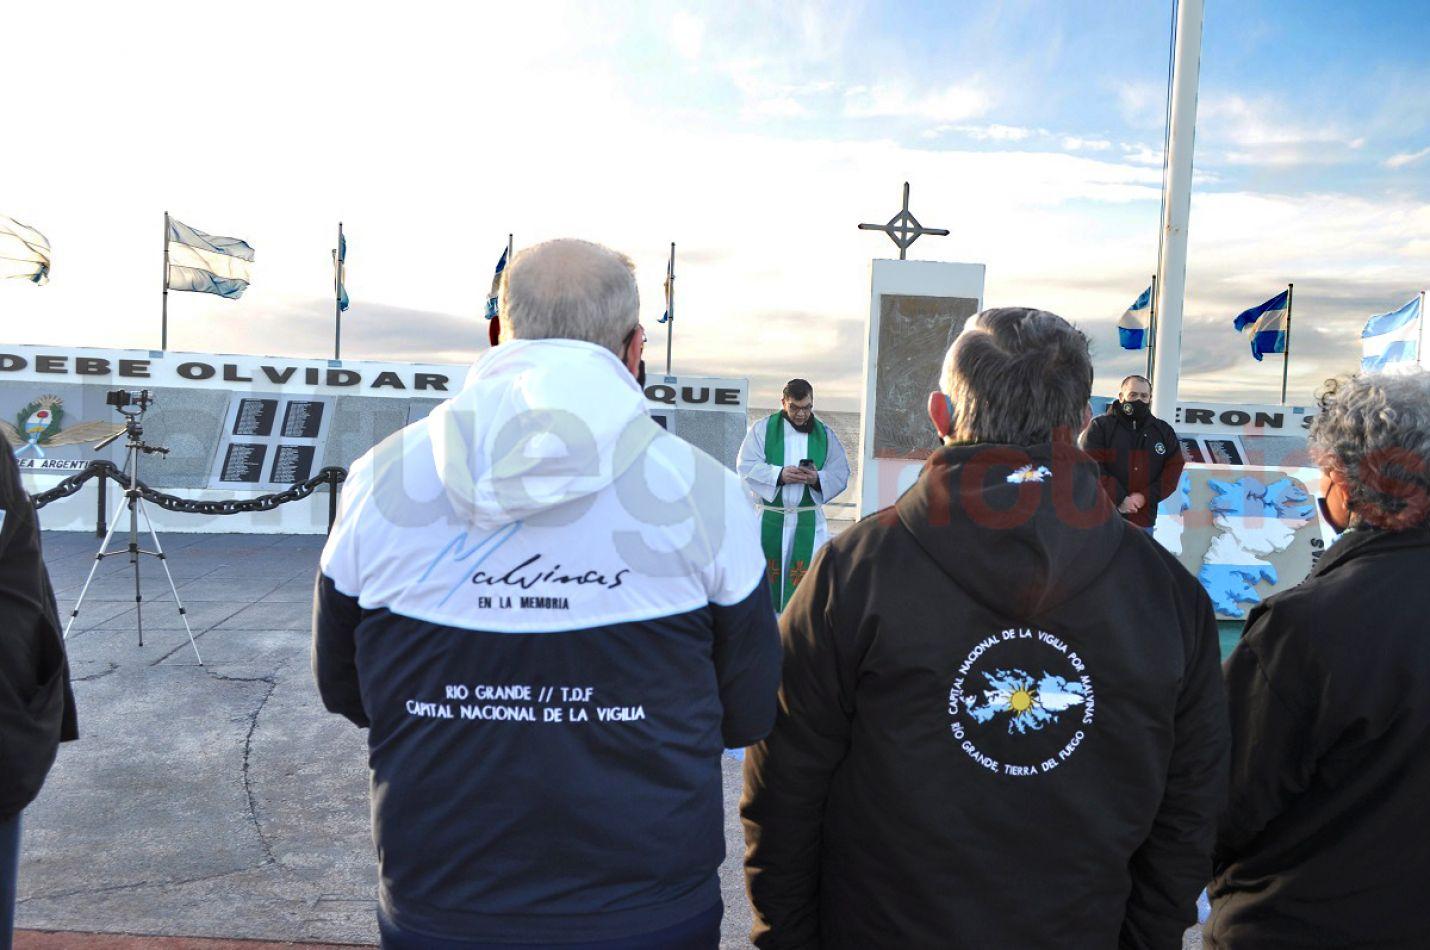 Por primera vez se homenajeó a los caídos en Malvinas con una Misa de Campaña.